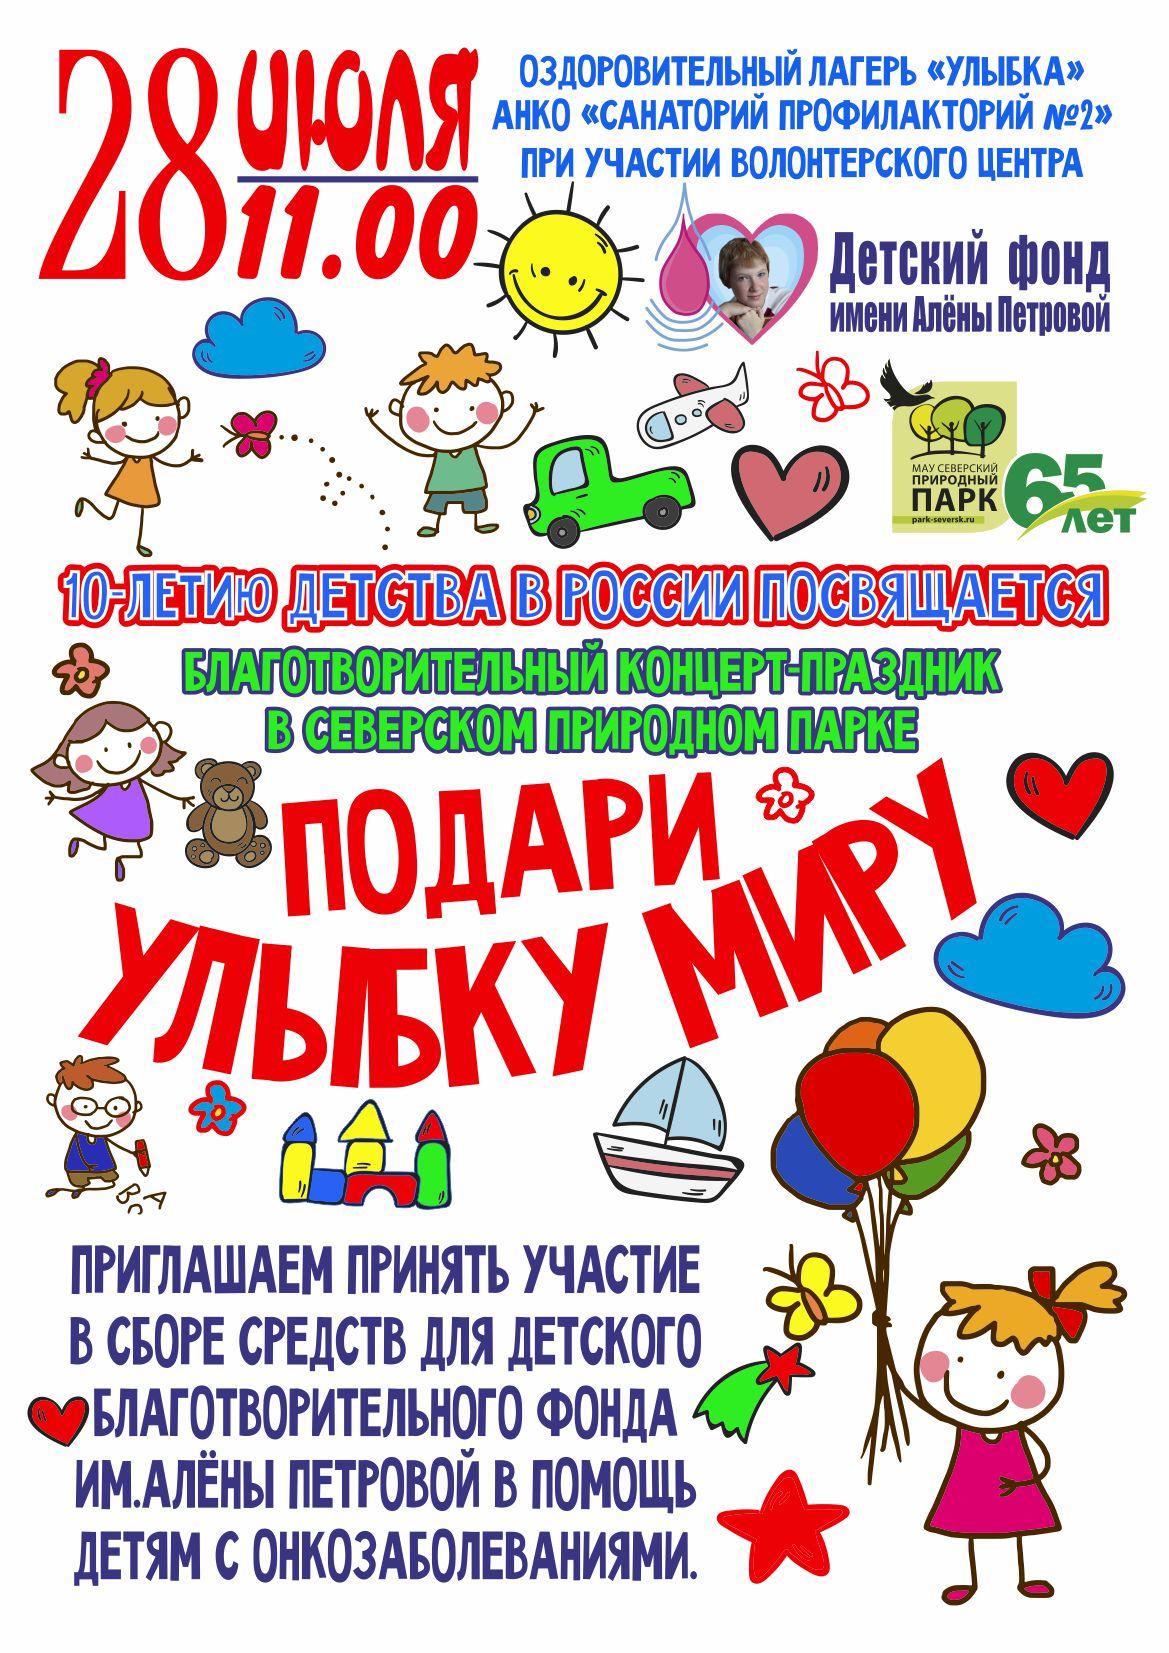 Благотворительная акция-праздник, авторские матрешки и летний читальный зал